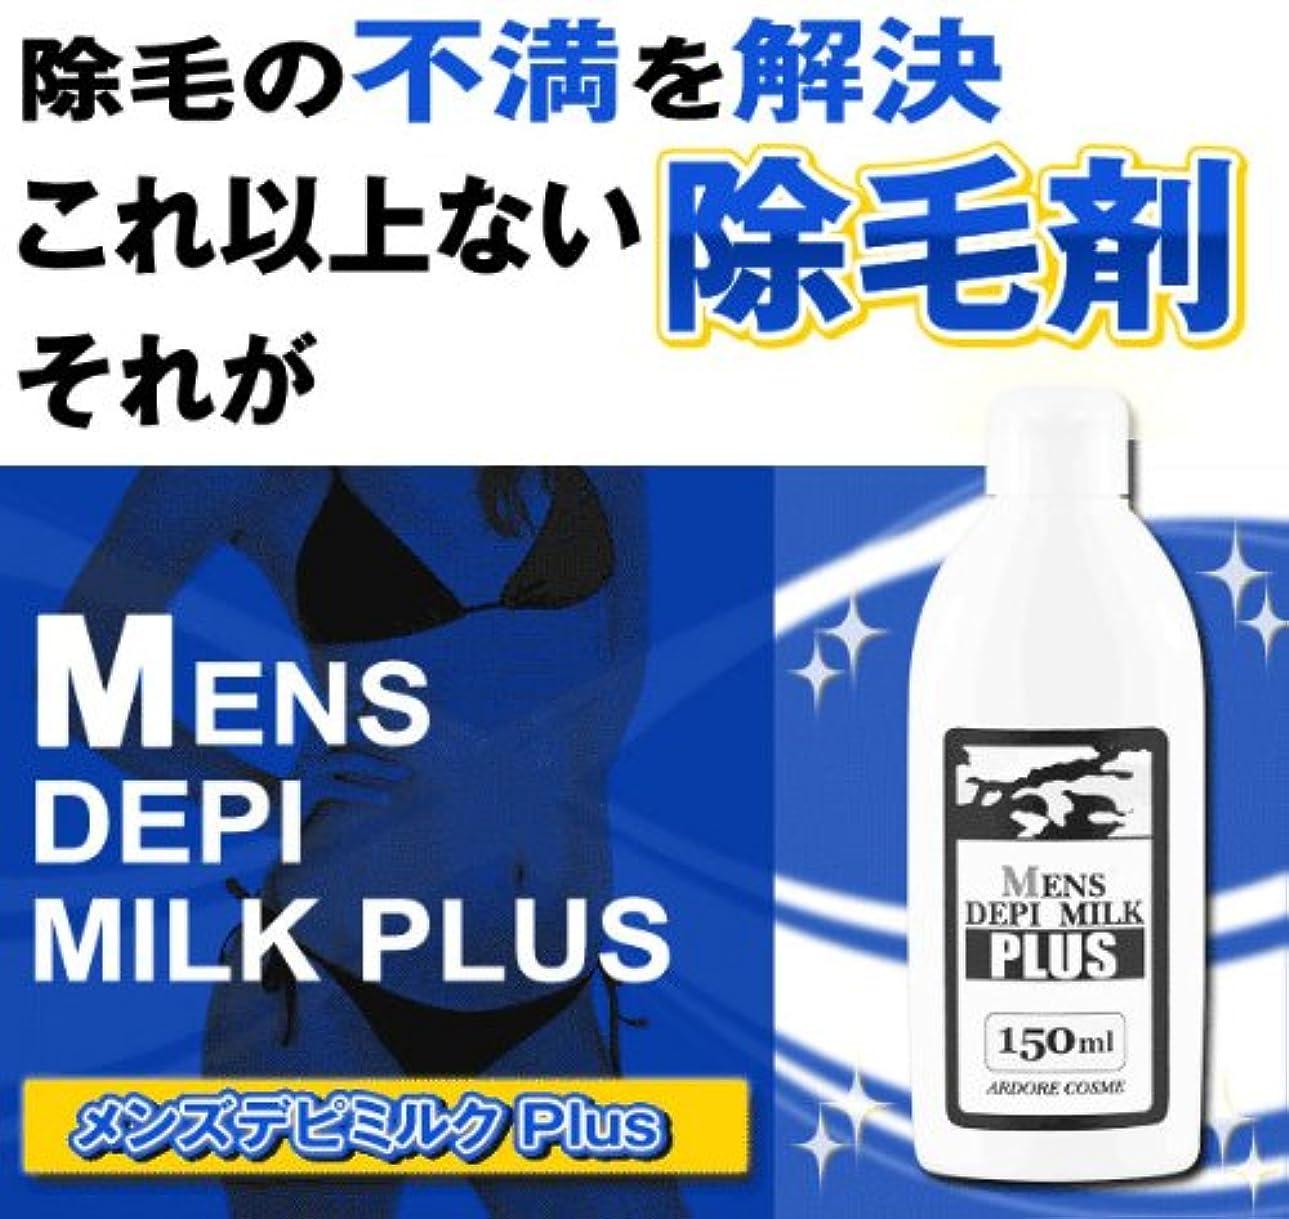 現実にはガラガラトーク薬用メンズデピミルクプラス 150ml(薬用除毛クリーム)医薬部外品